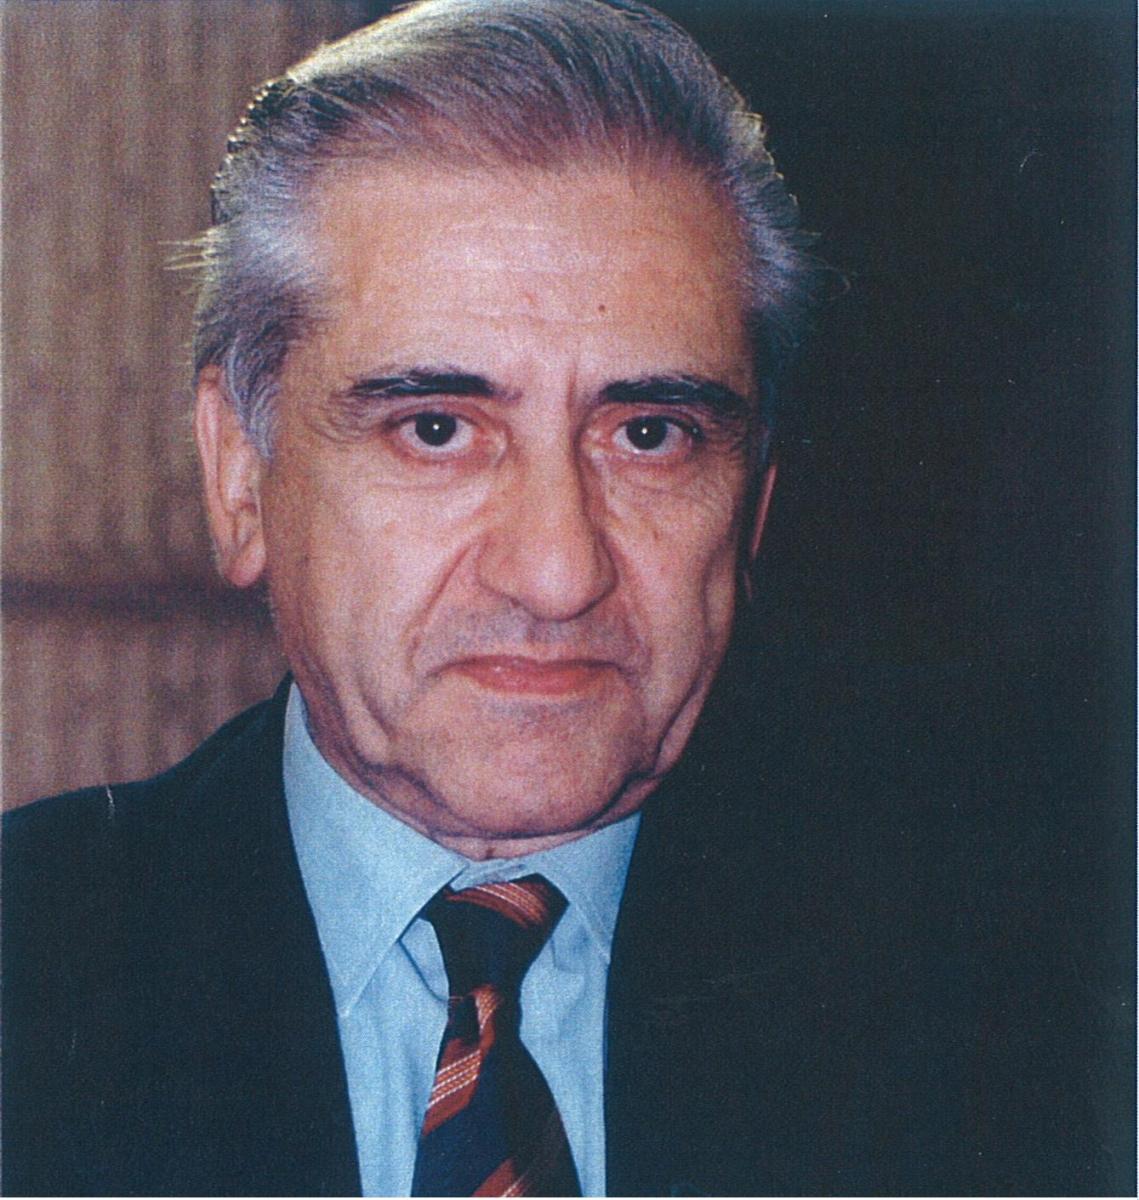 http://www.accademiadellacrusca.it/it/laccademia/organizzazione/presidenti-dellaccademia/francesco-sabatini